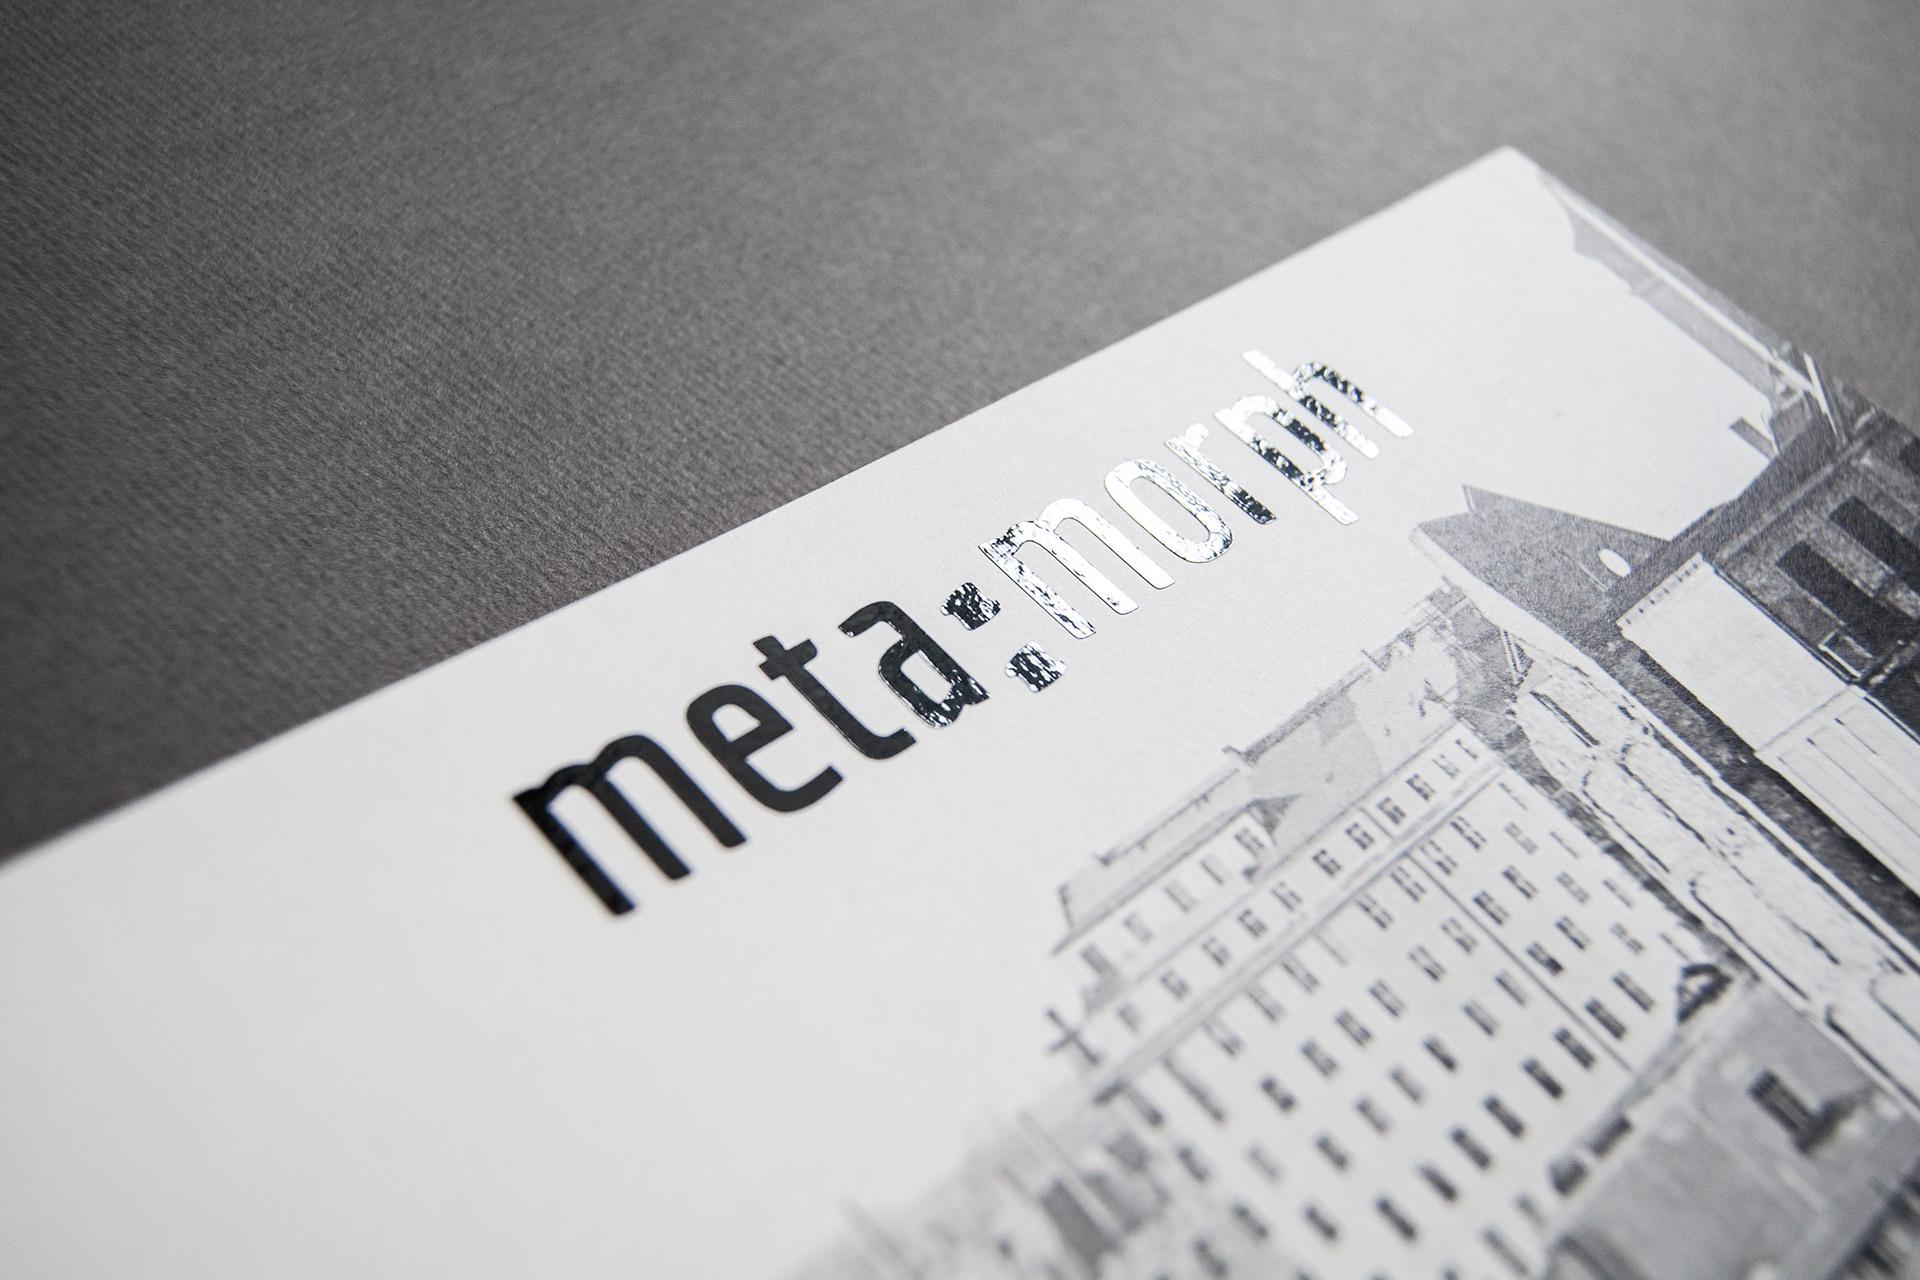 meta:morph